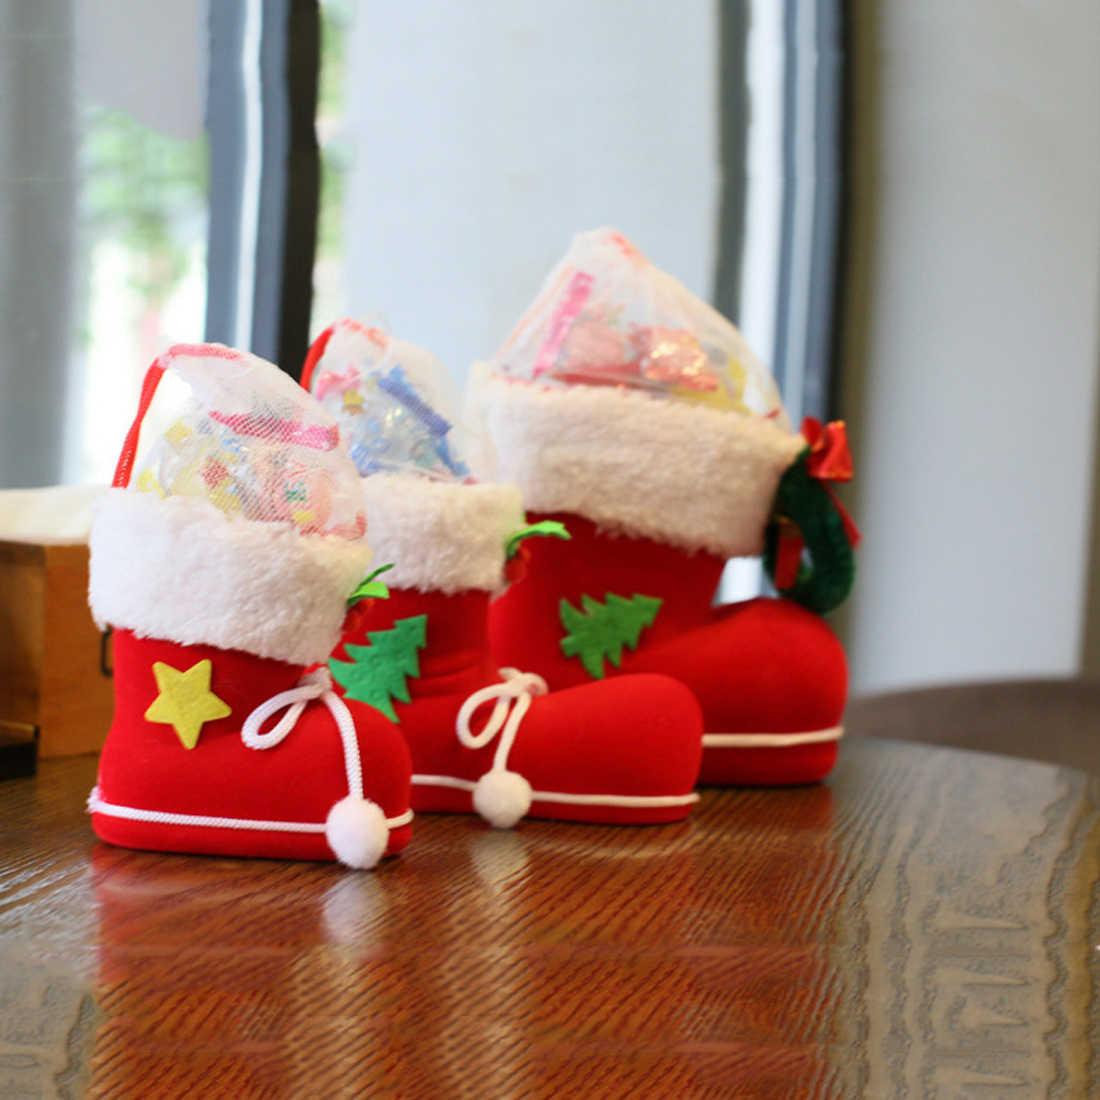 חמוד 4 גודל אתחול בית המפלגה תפאורה חג המולד סנטה קלאוס נעלי ילדי גרב ילד מתנת ממתקי תיקים מחזיק עץ חג המולד קישוט